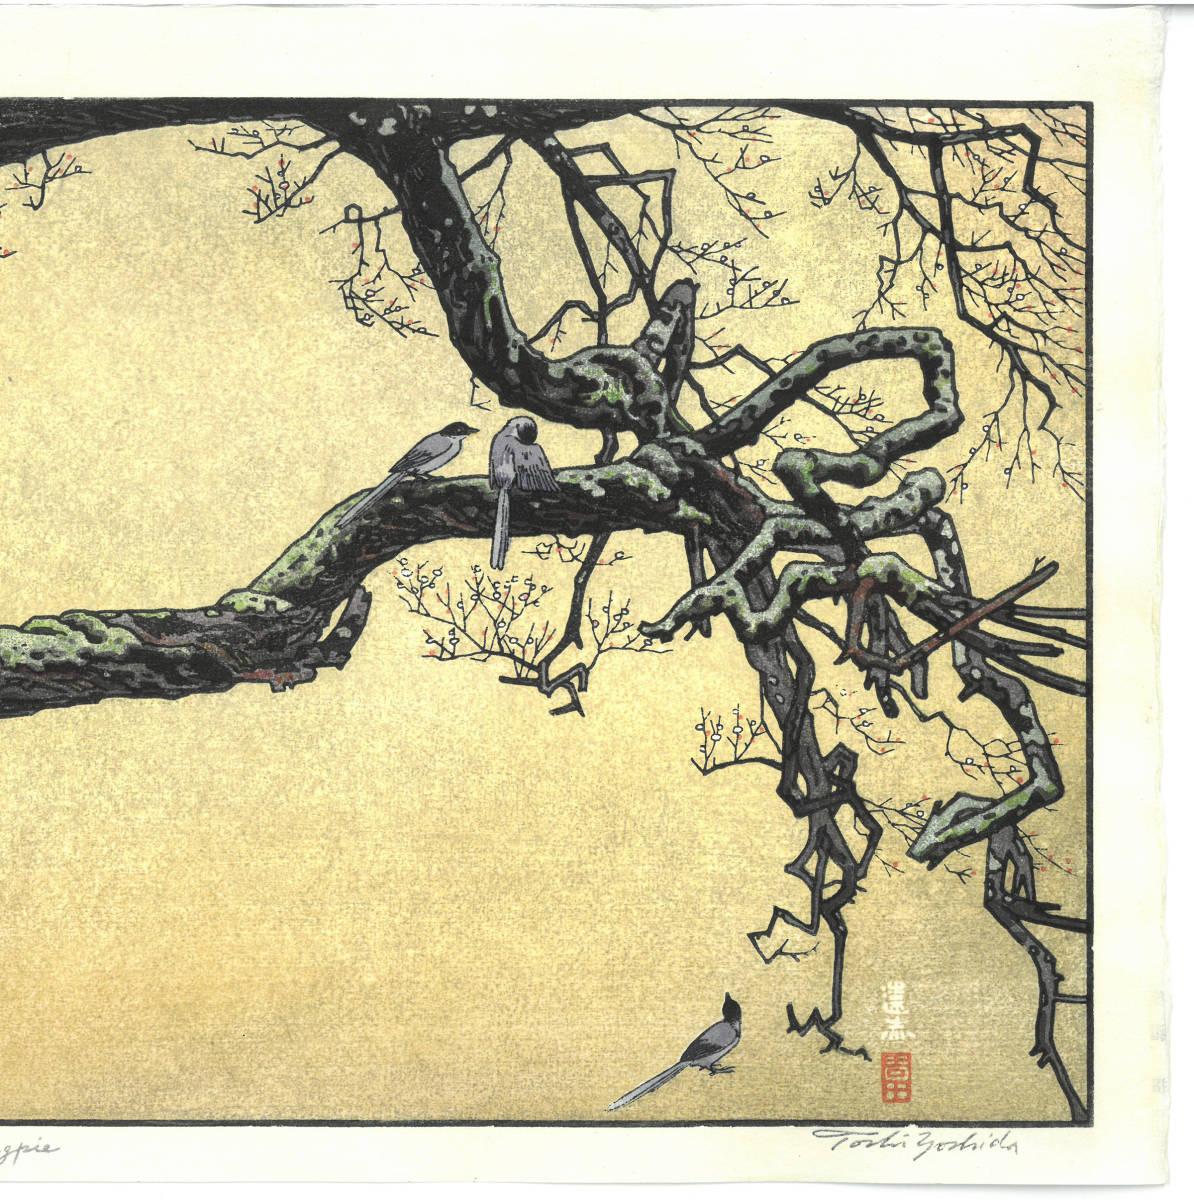 吉田遠志 木版画 015106 数珠かけの梅 (Plum tree & Blue Magpie) 初摺1951年  最高峰の摺師の技をご堪能下さい!!_画像5